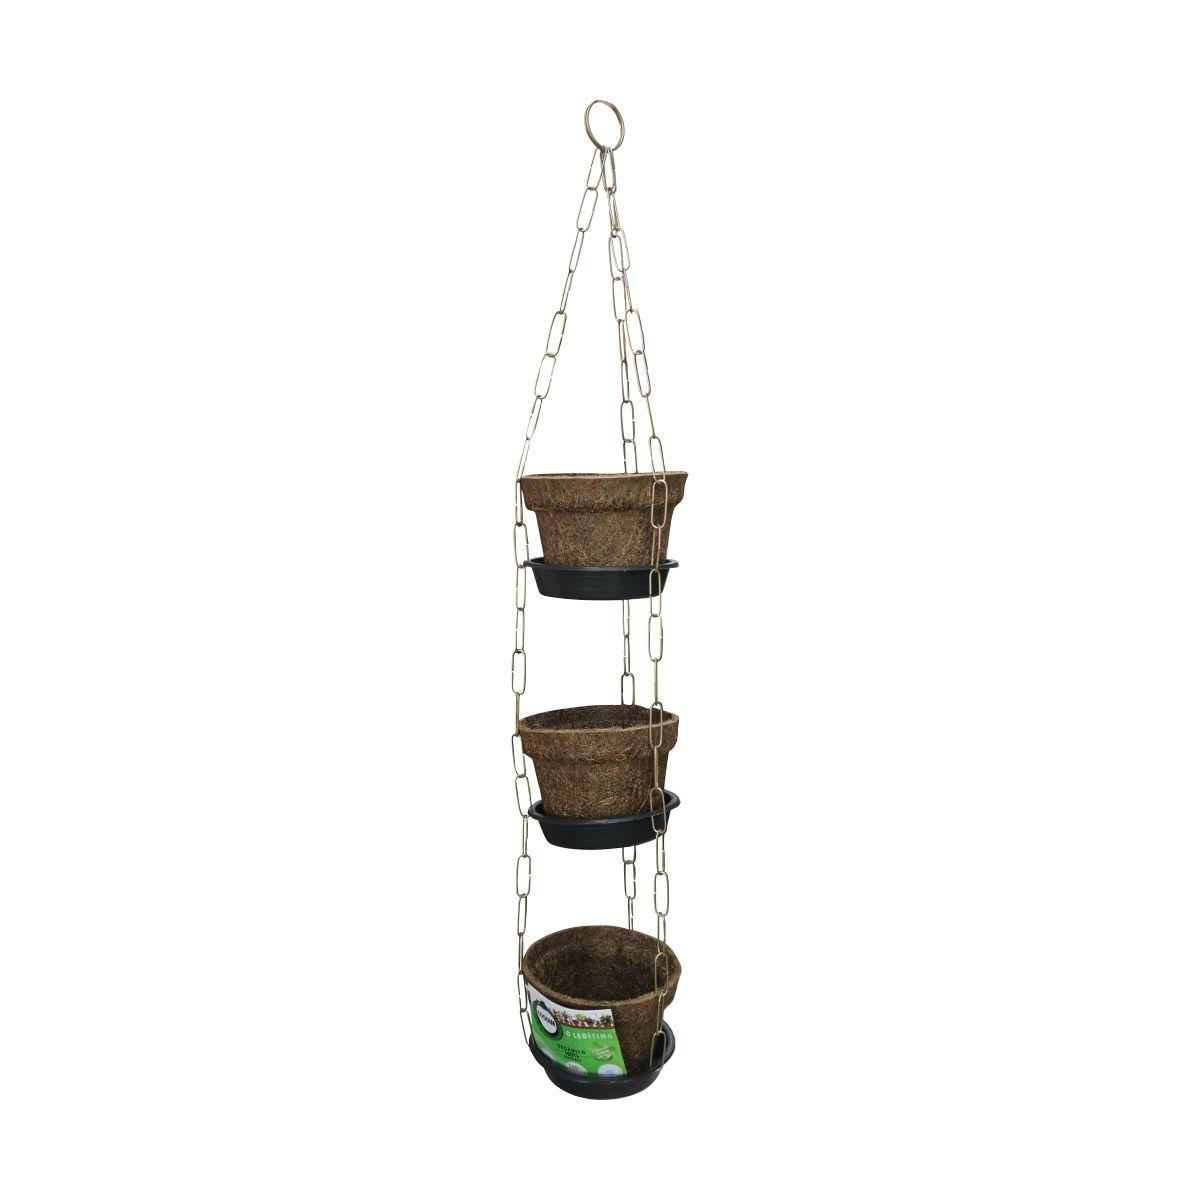 Kit com 3 Vasos de Fibra de Coco Nº 05 com prato e corrente COQUIM